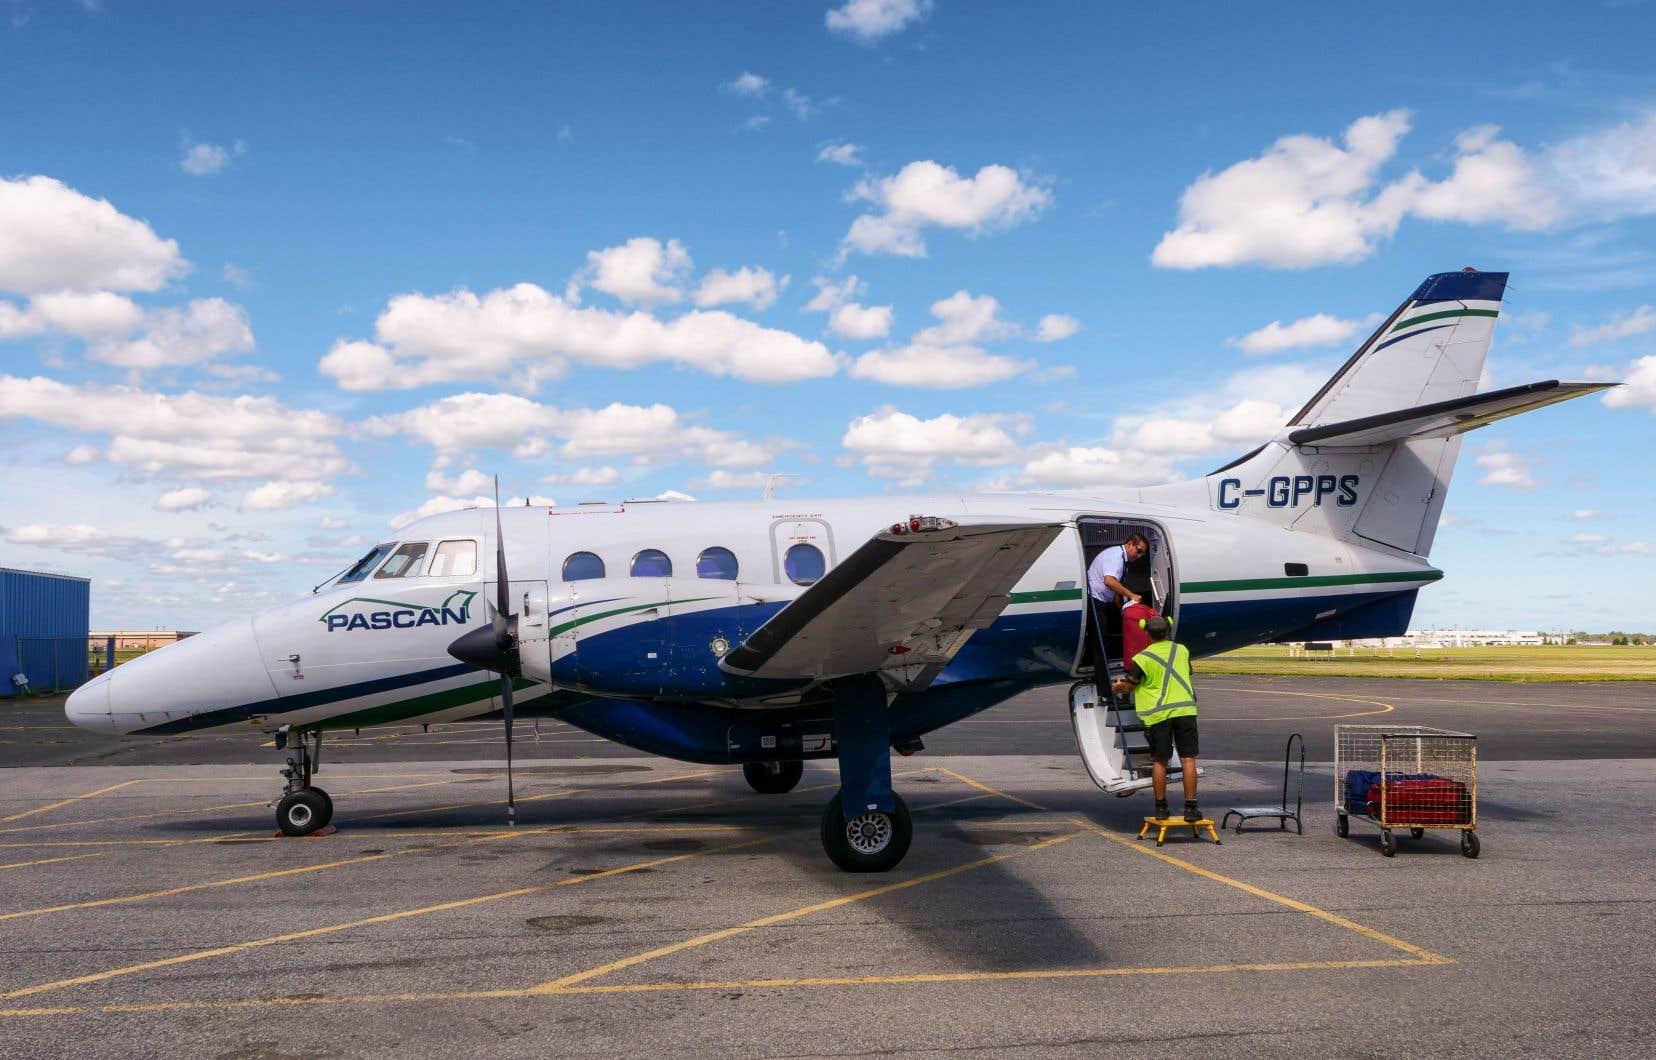 Les appareils exploités par Pascan sont de plus petite taille que ceux d'Air Canada, a dit M.Gagnon.